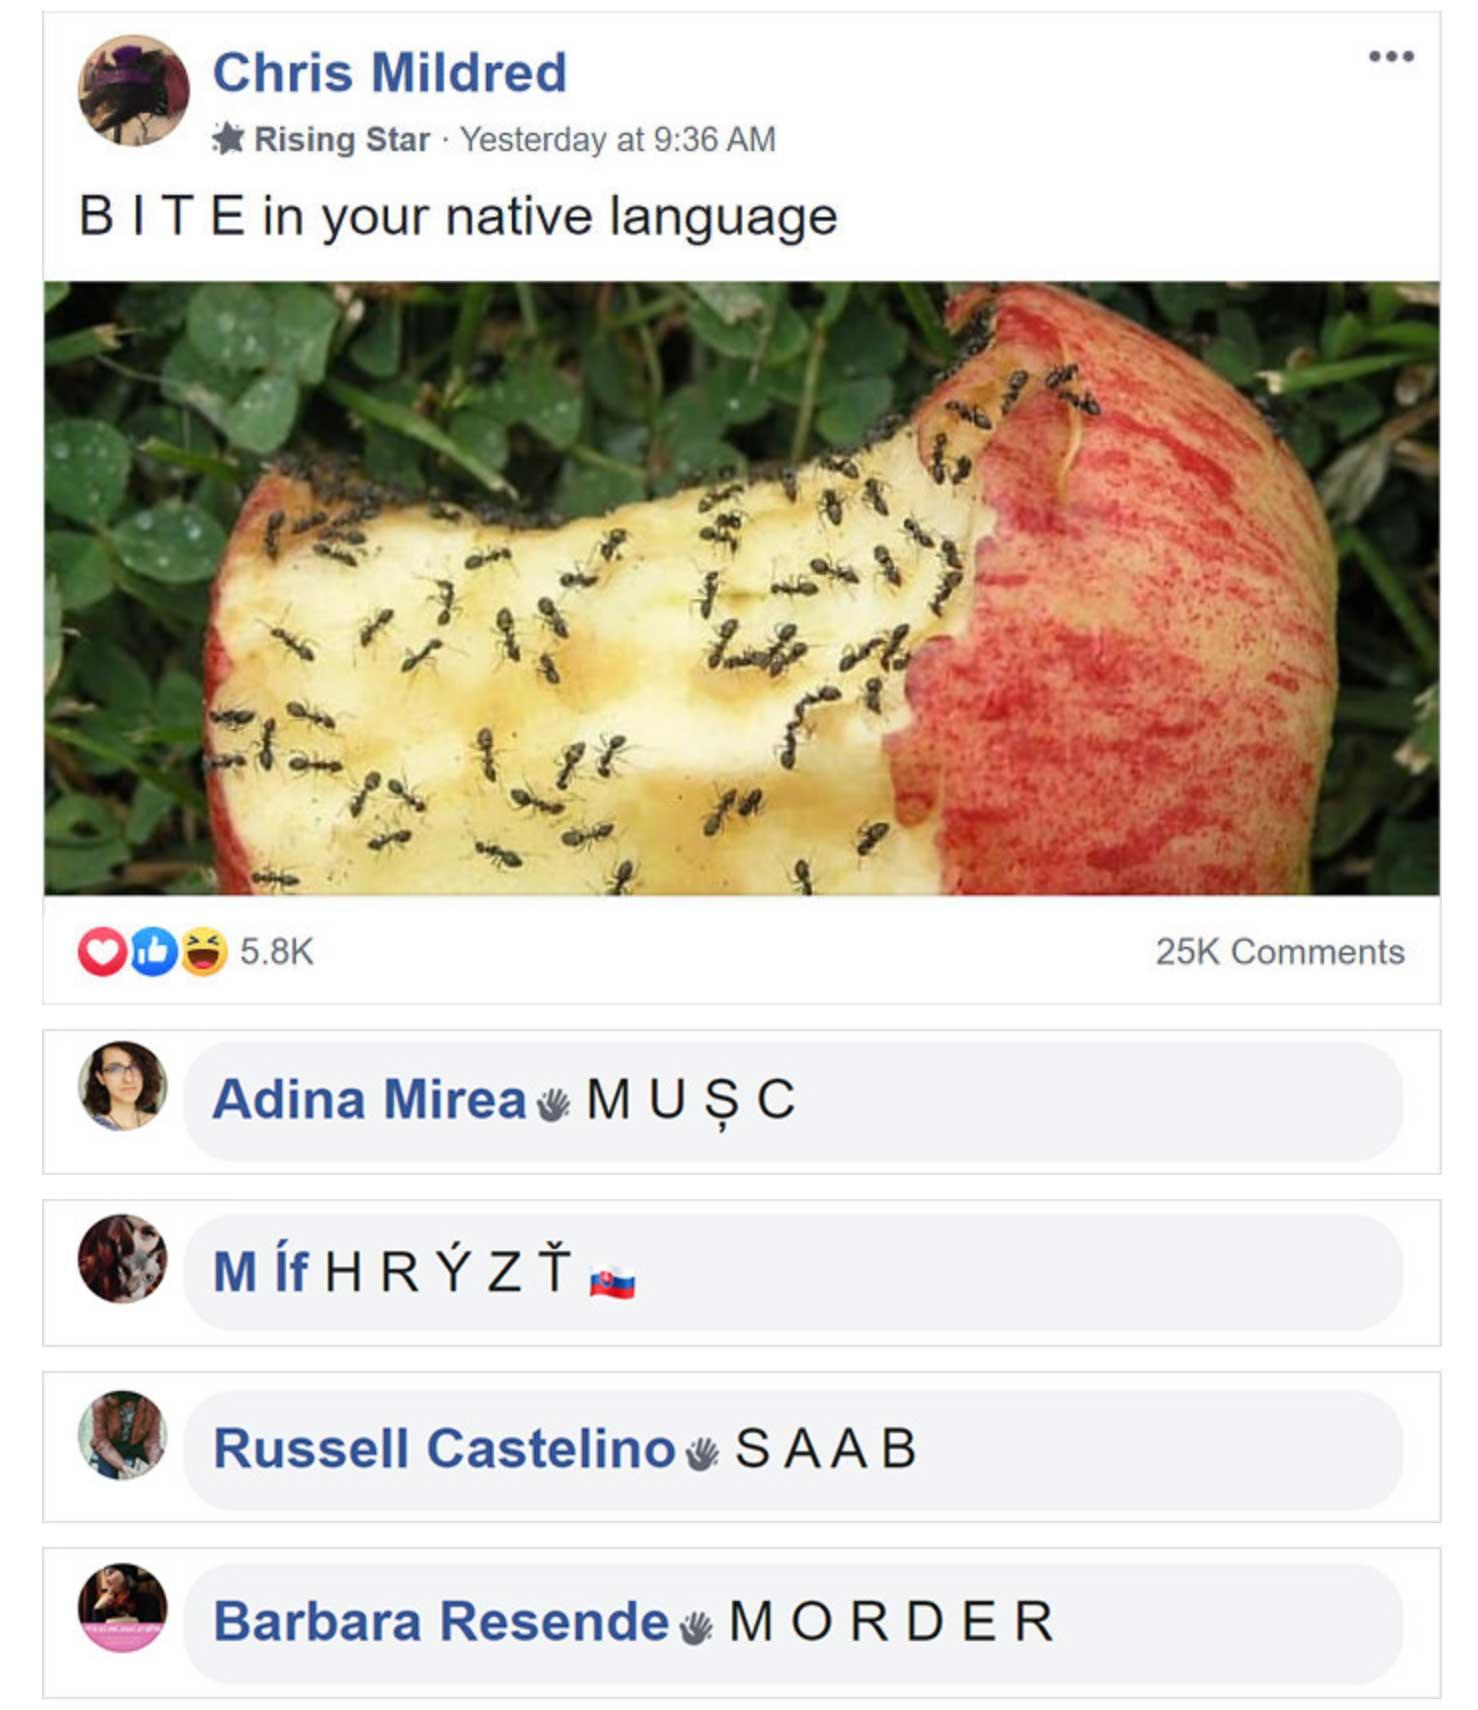 In dieser Facebook-Gruppe tun alle so, als seien sie Ameisen facebook-gruppe-wie-ameisen-tun_02